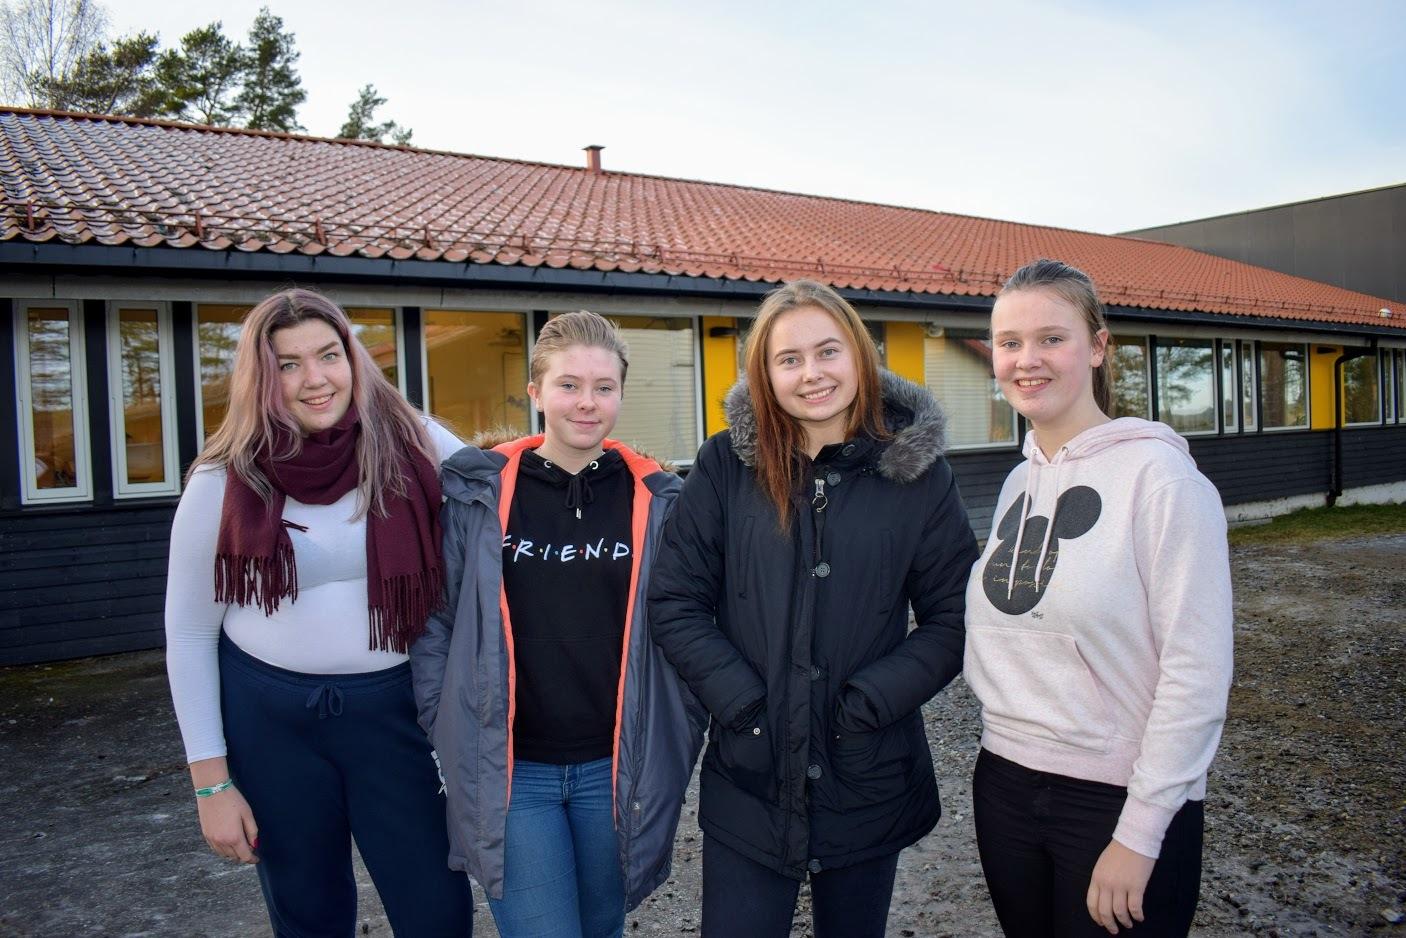 Ungdommene nært - Jennie Martine Hanssen, Sarah Hermine Svanberg, Camilla Glimsdal, Kristine Majgaard Svendsby.JPG